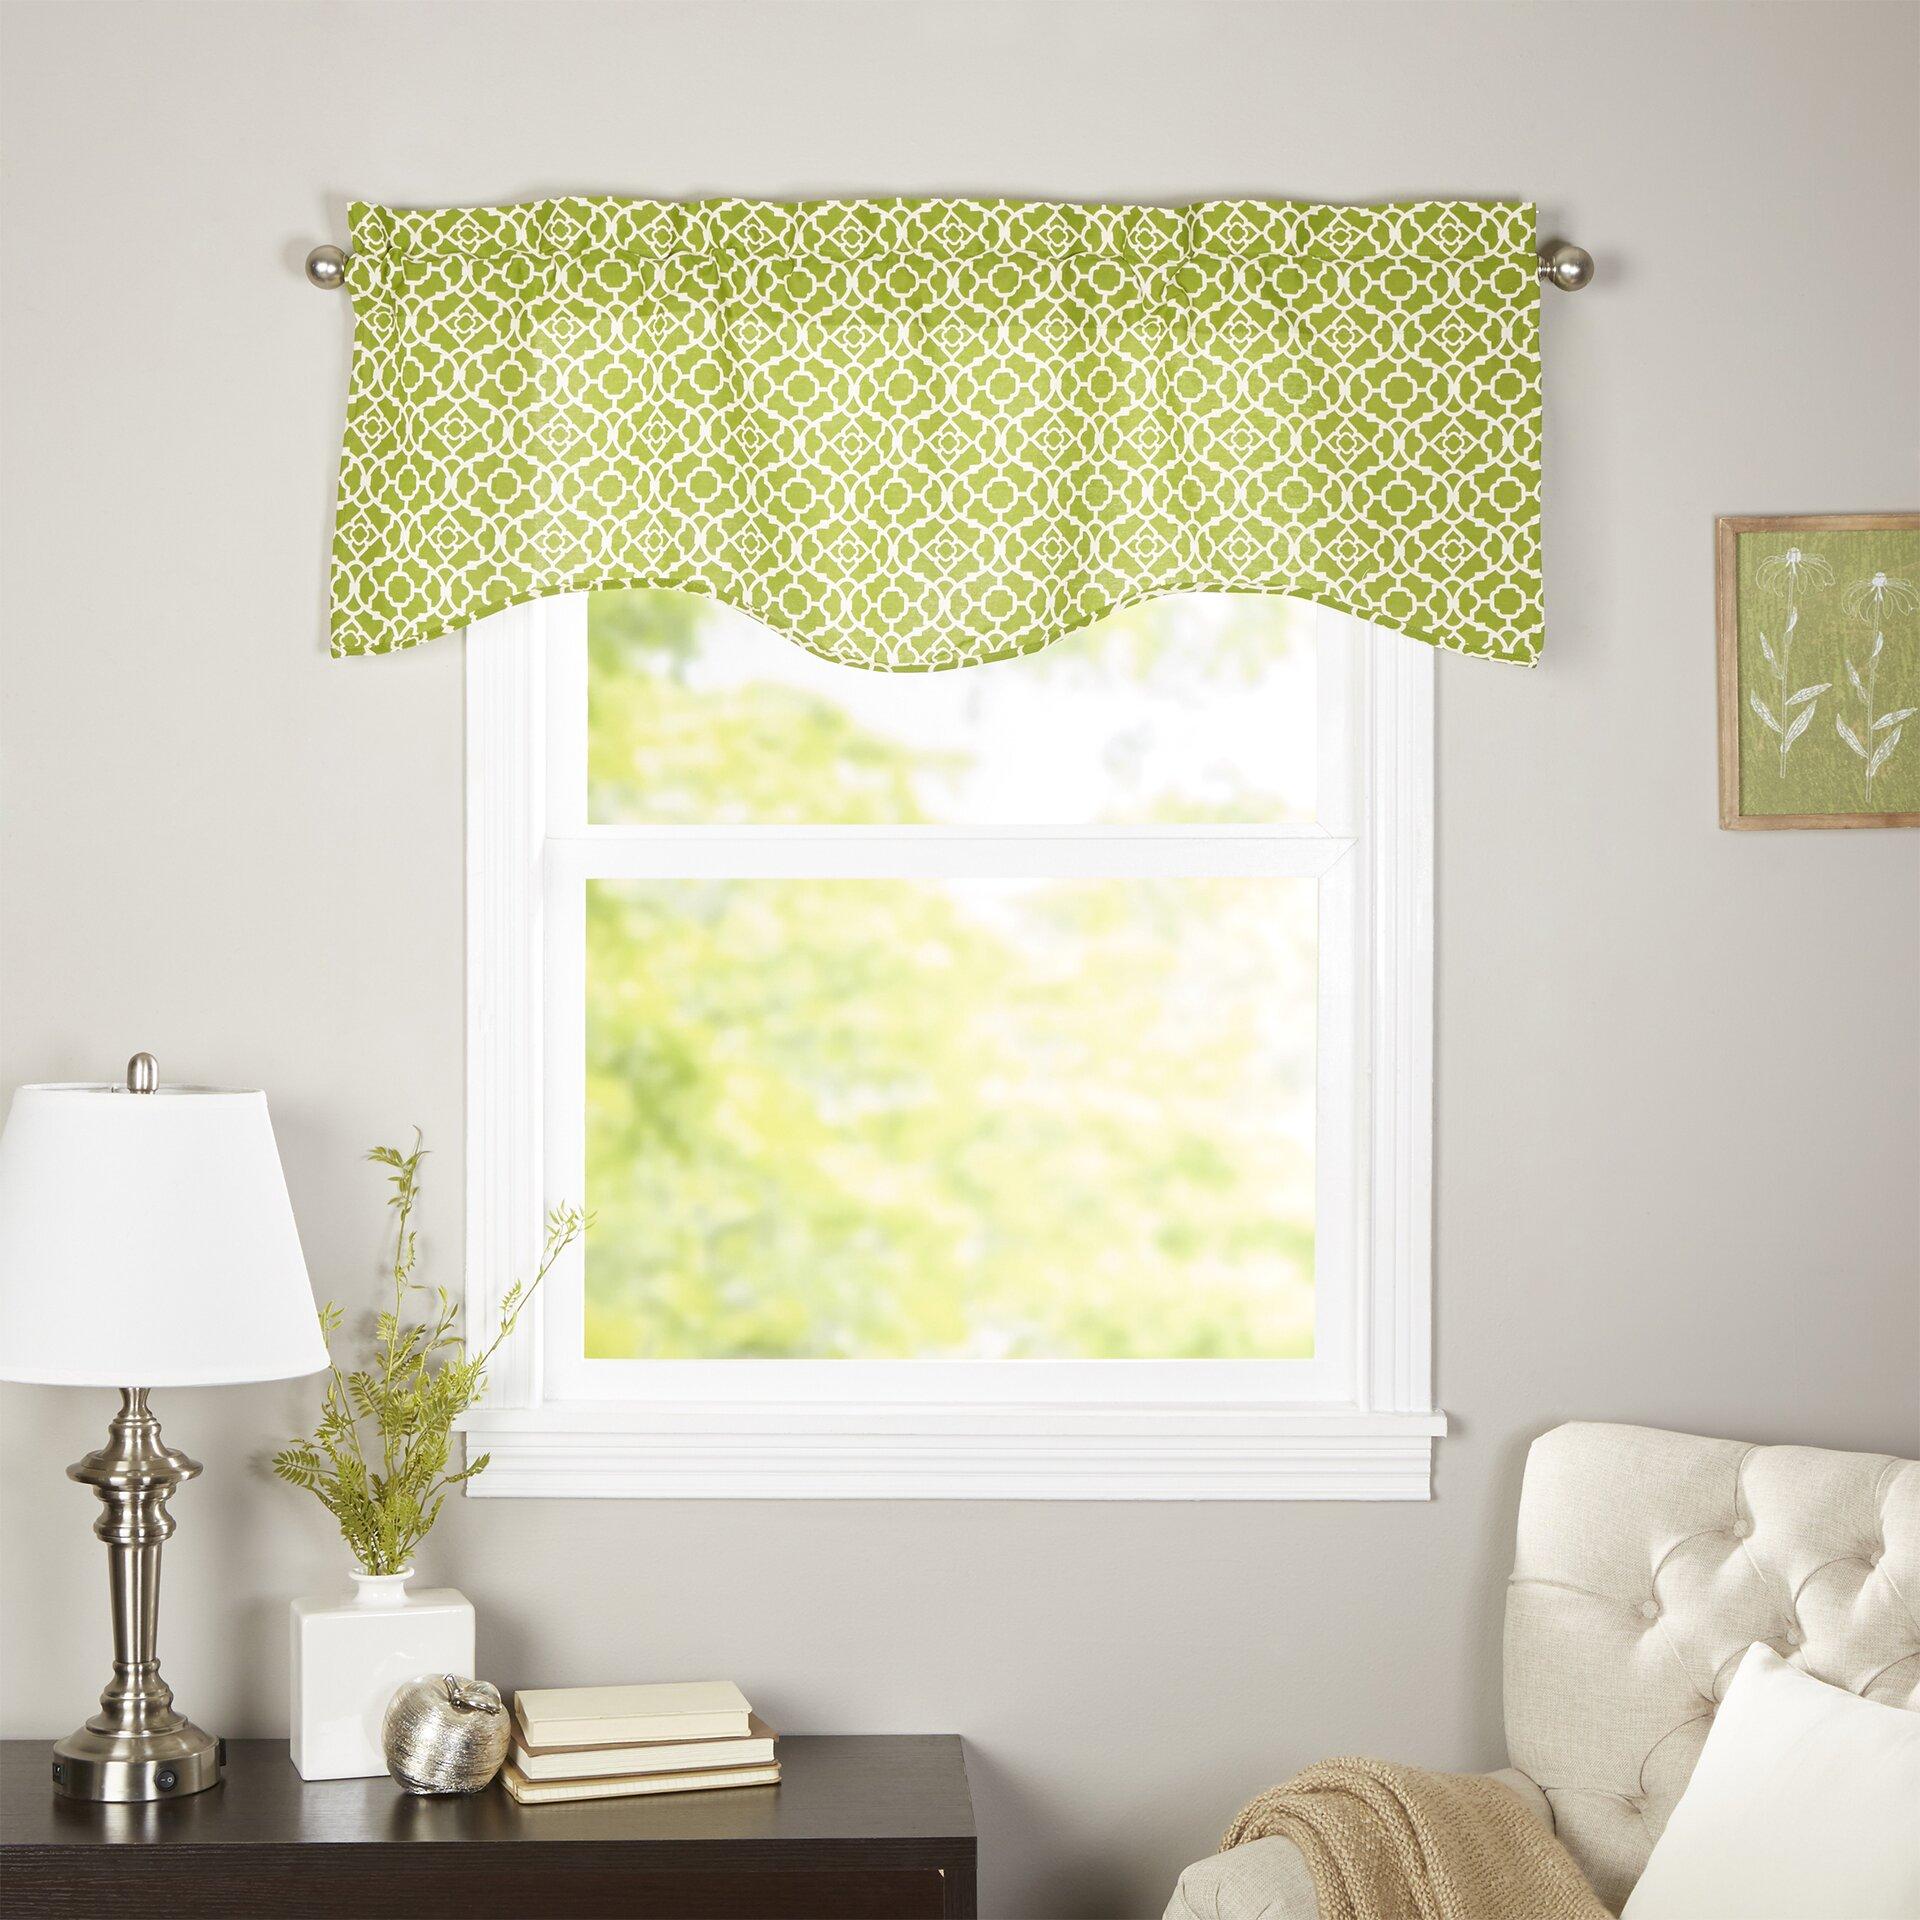 Waverly Lattice Curtains Waverly Lovely Lattice Curtain Panel Walmart Waverly Lovely Lattice